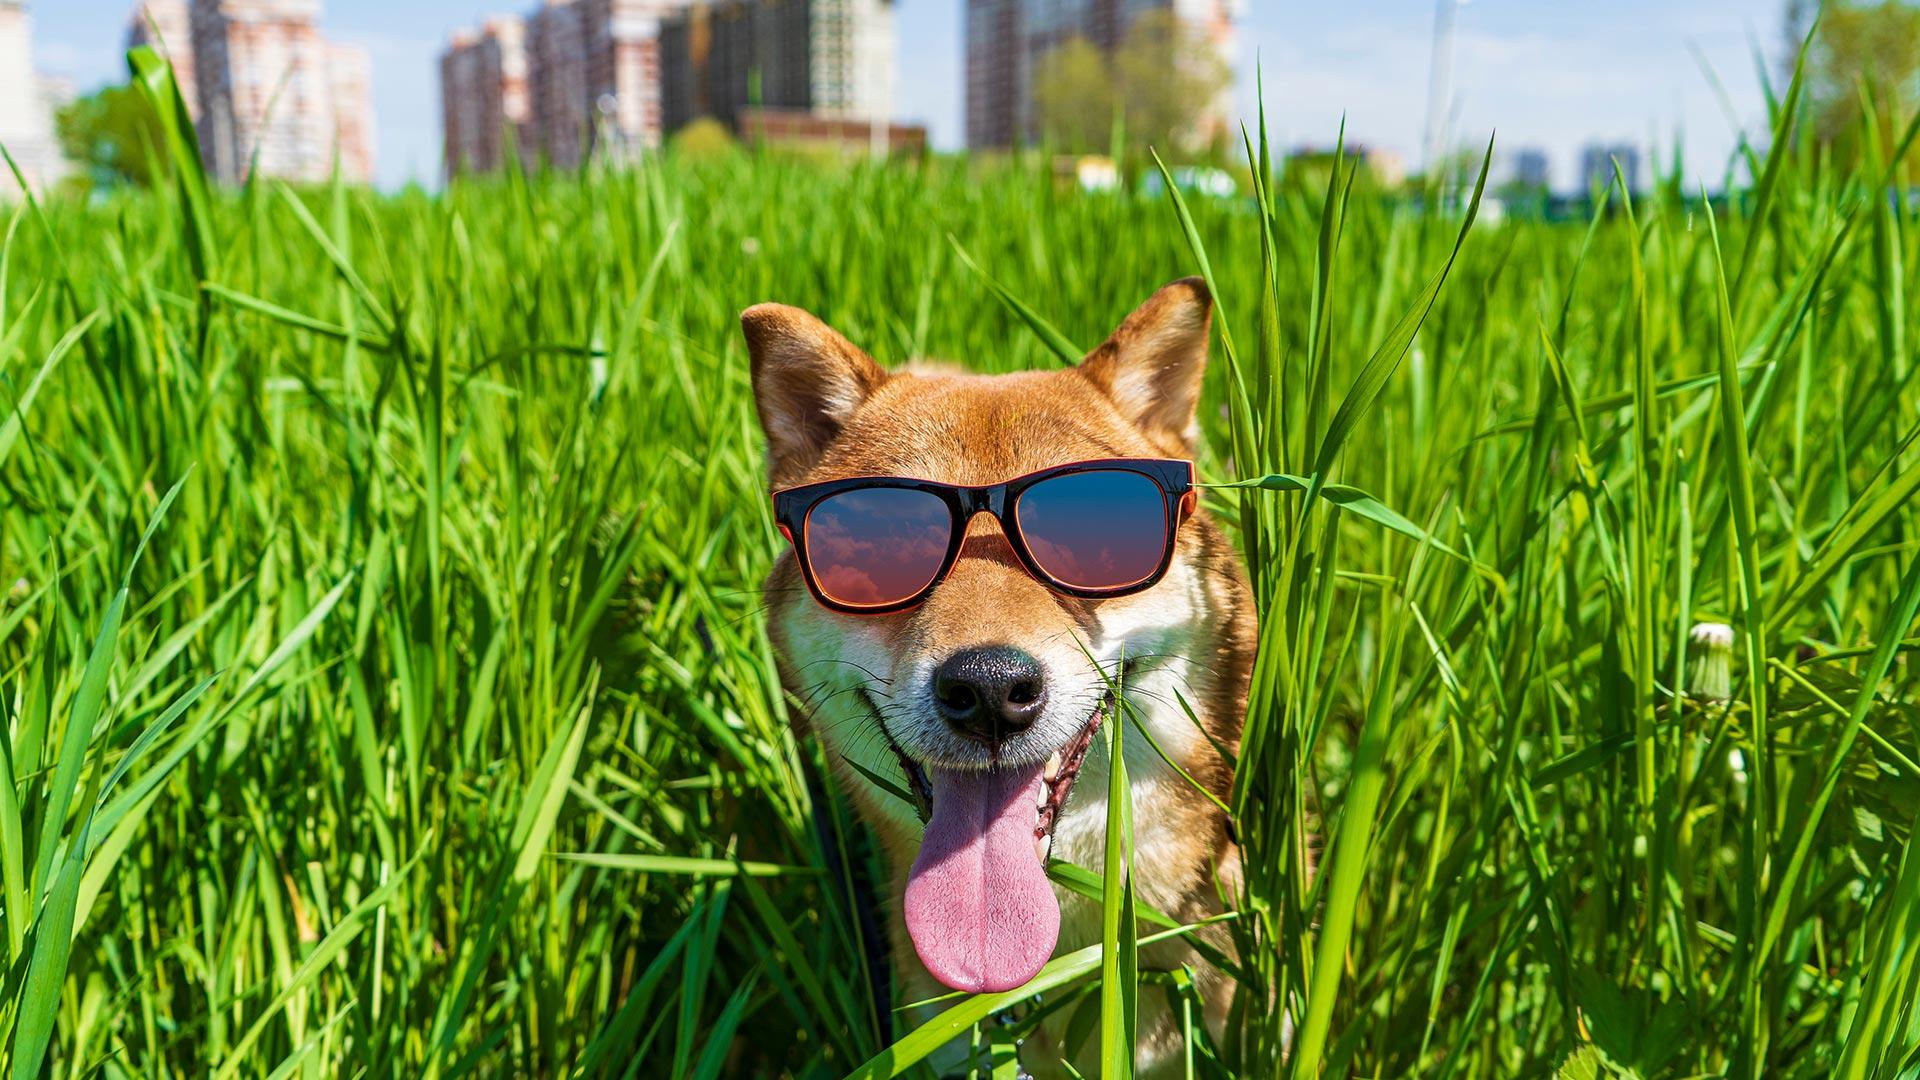 Shiba Inu ultrapassa Dogecoin em valor total de mercado